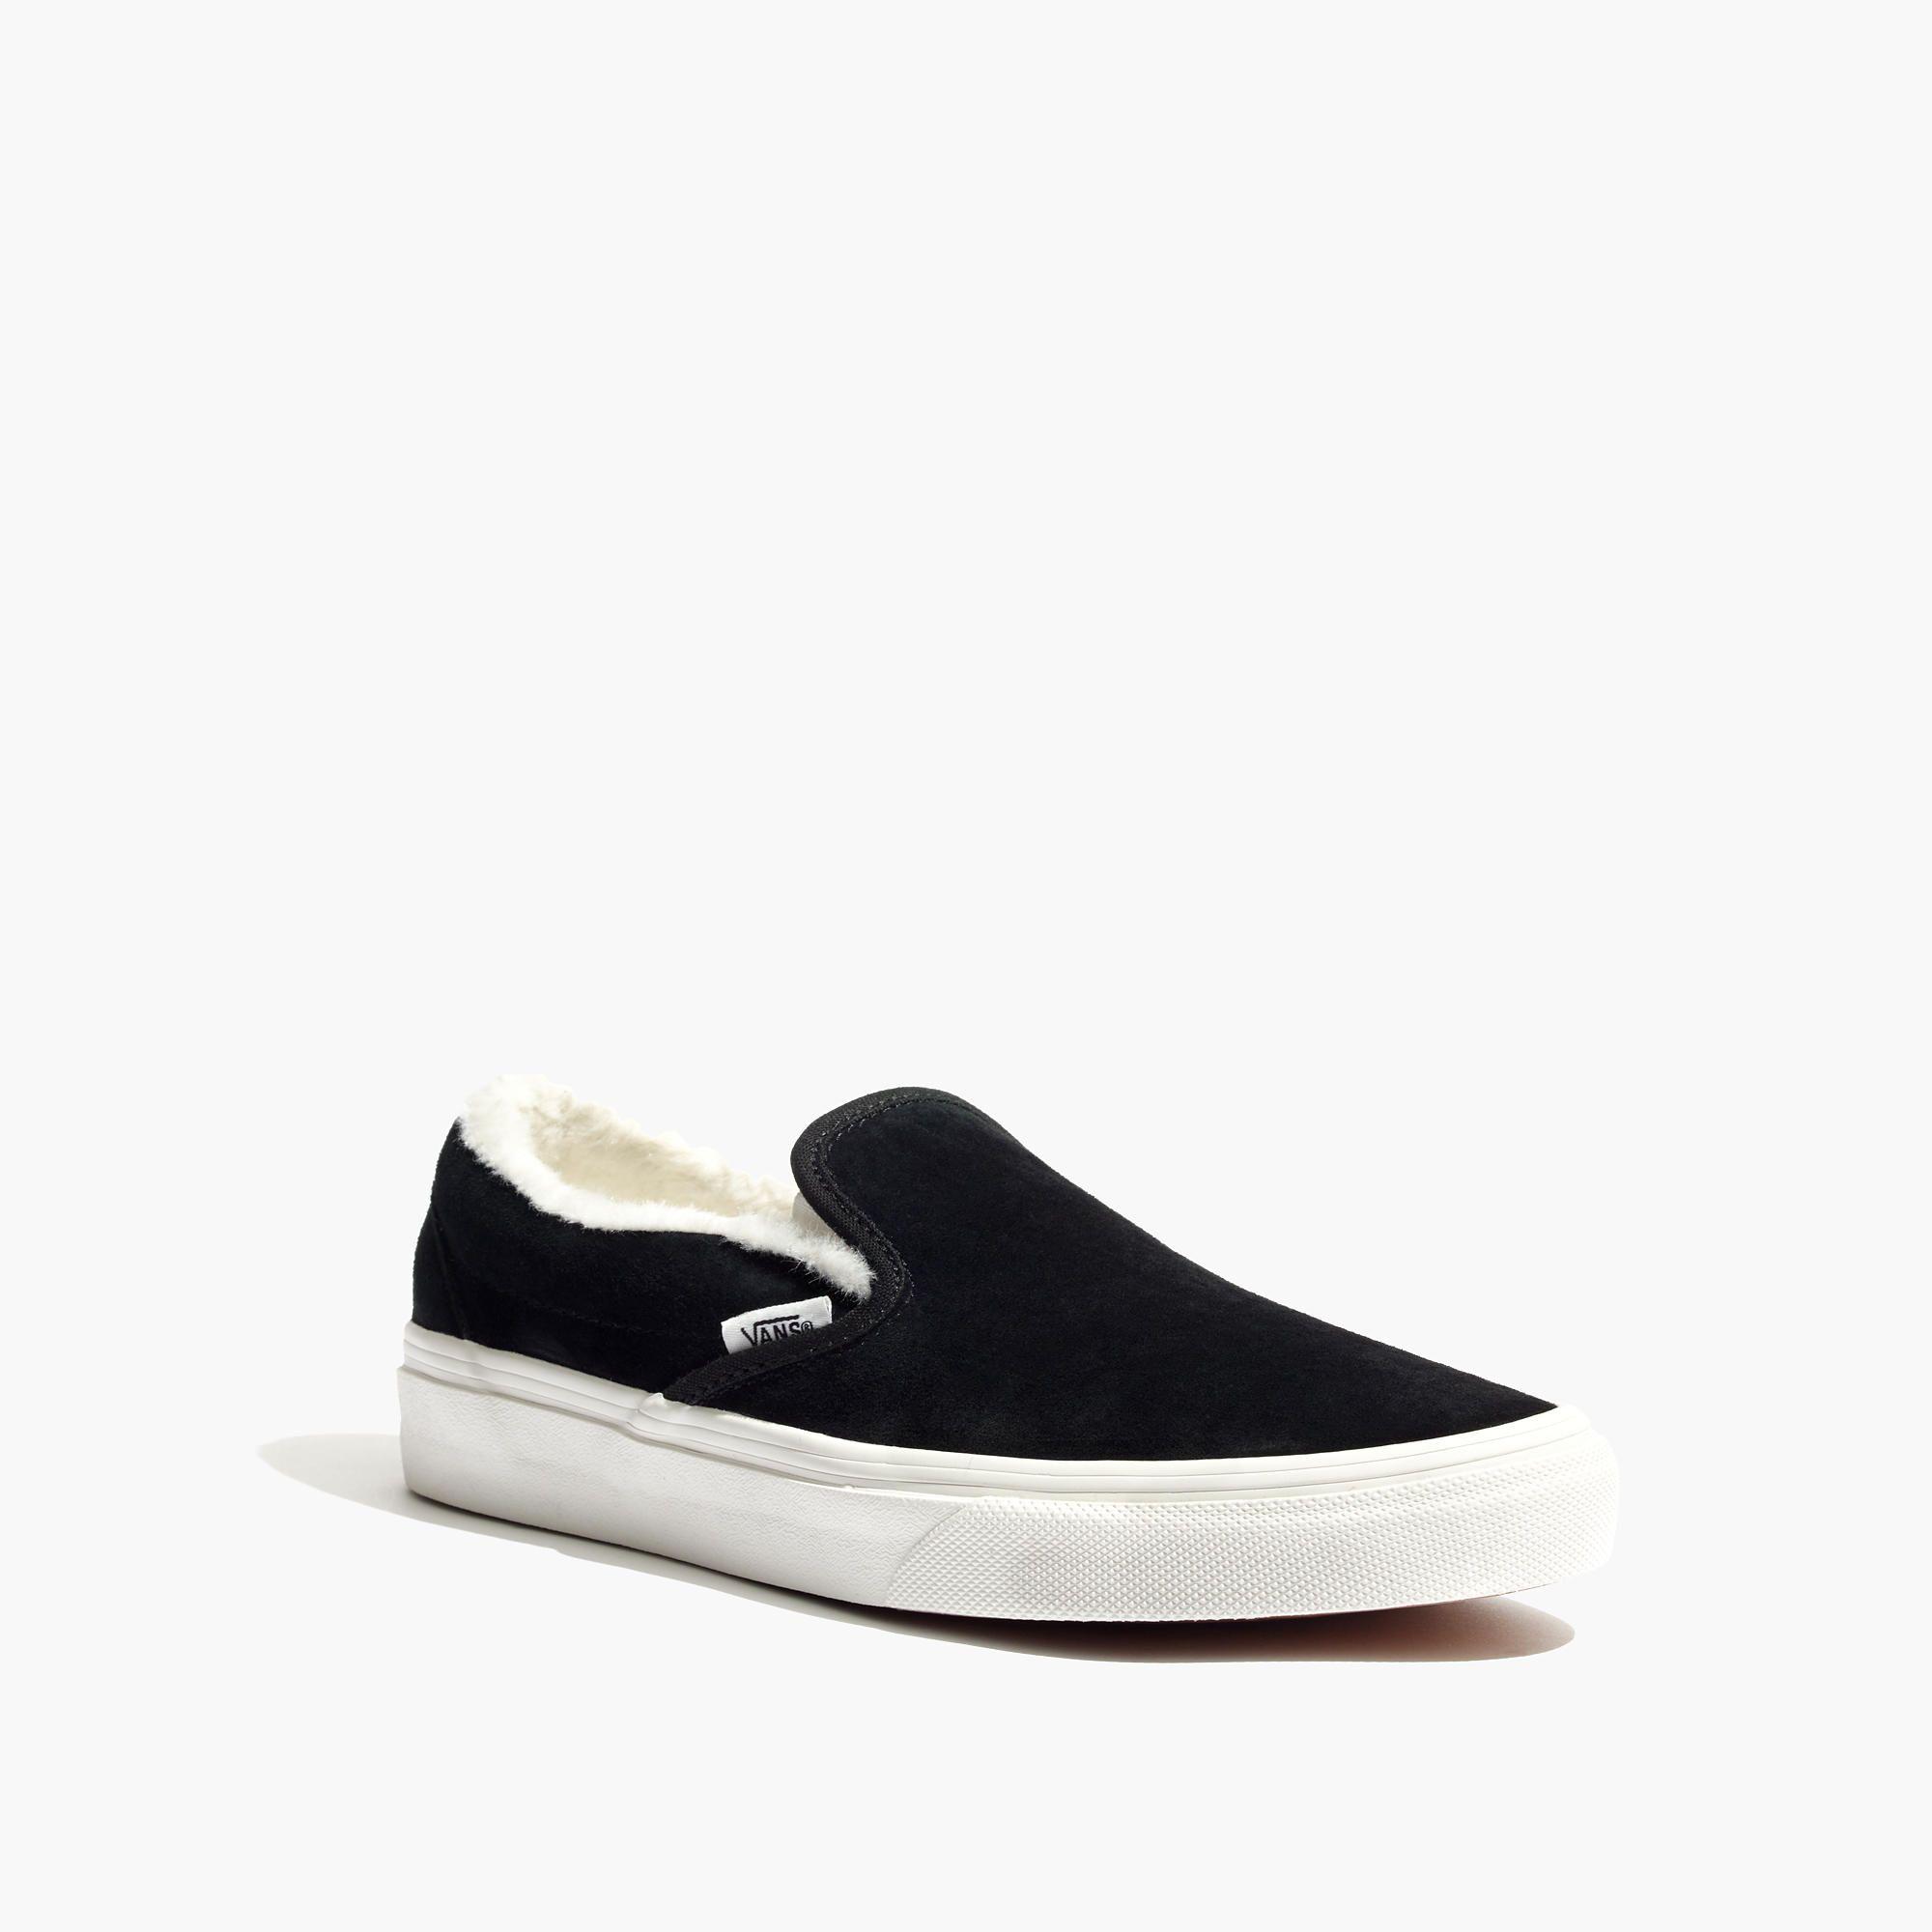 Vans® Unisex Weatherized Suede Slip-On Sneakers